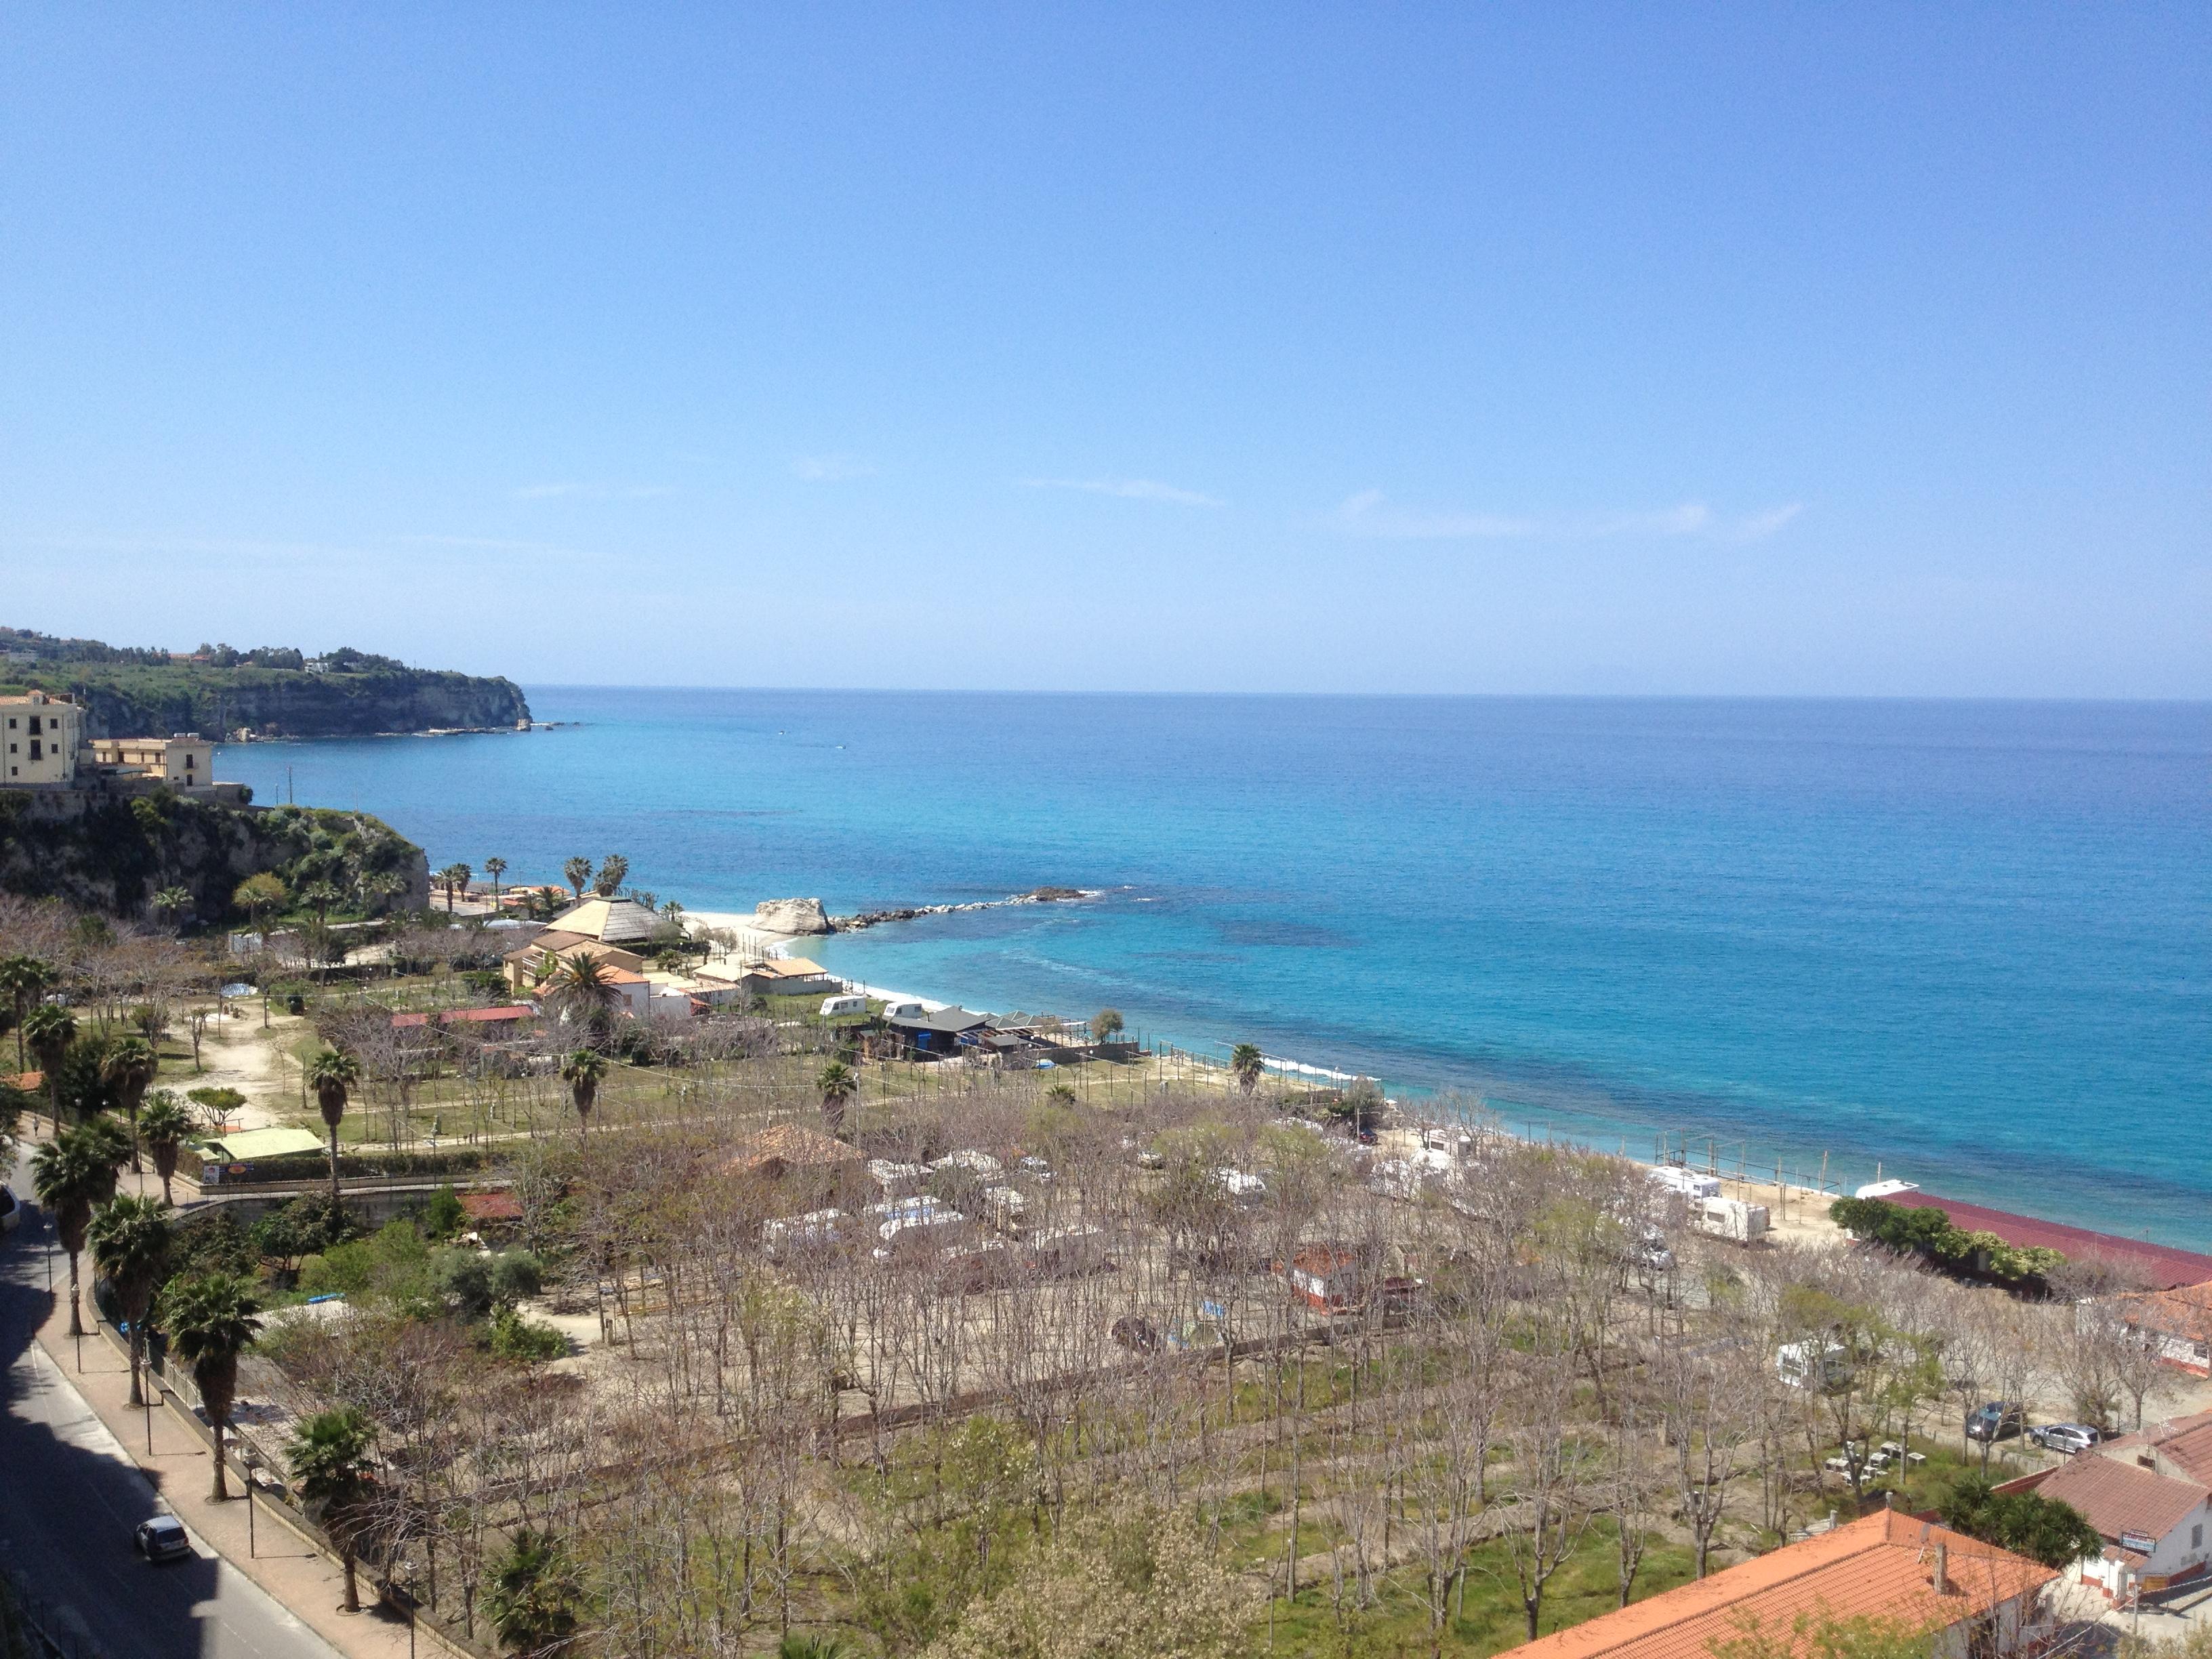 Matrimonio Spiaggia Tropea : Spiagge di tropea trovaspiagge